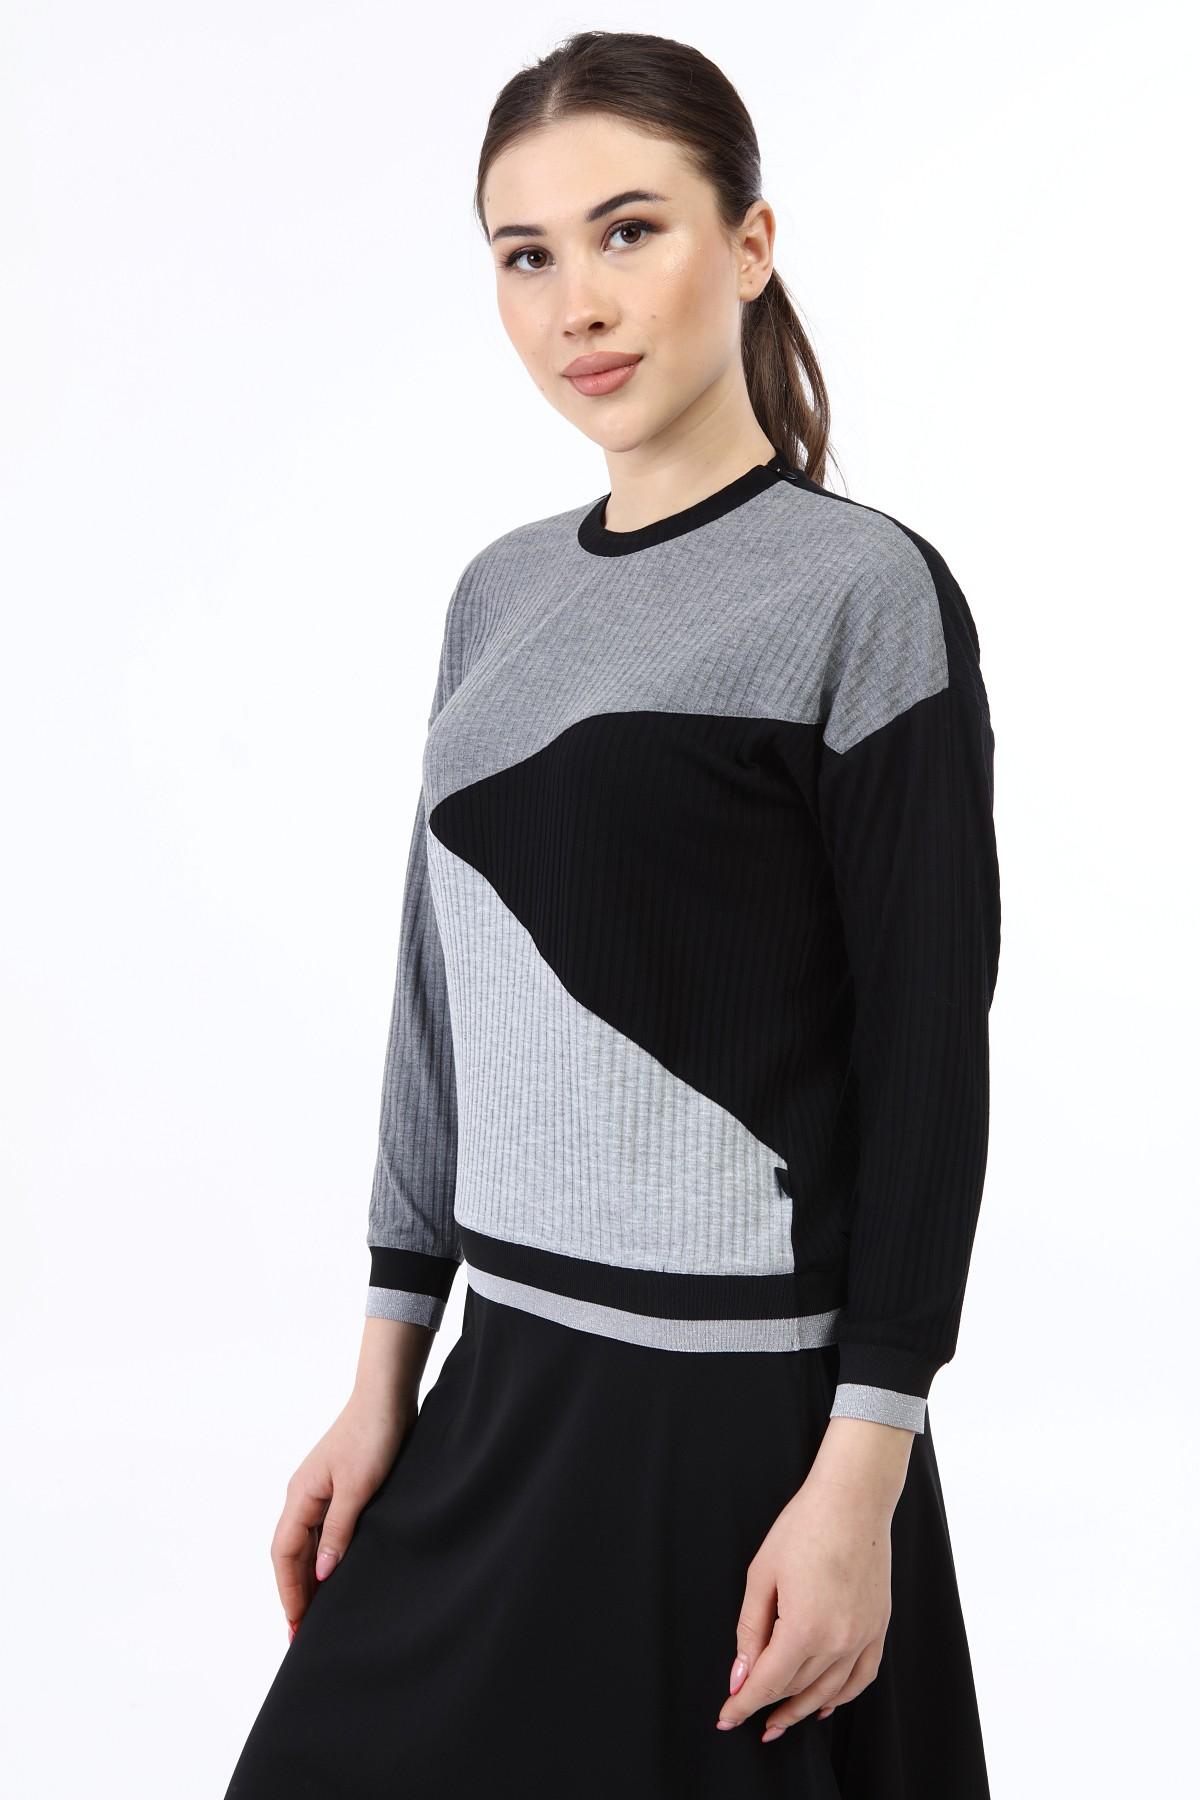 בגדי בית ליידיס - עליונית משולשים אפורים קולקציית 2021 דגם H04